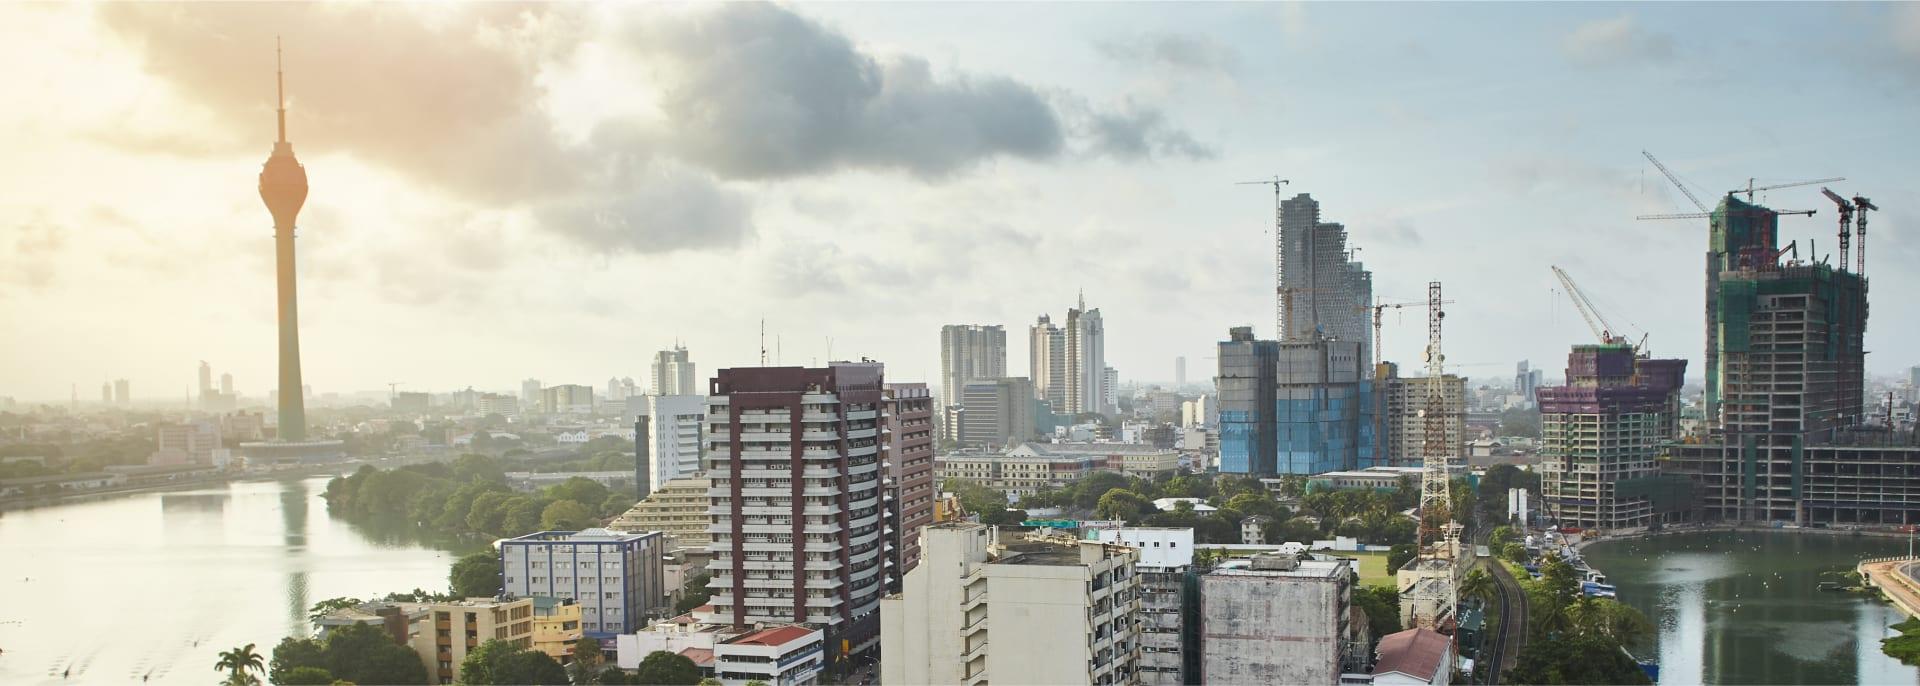 Aussicht auf die modernen Gebäude und Straßen von Colombo, Sri Lanka